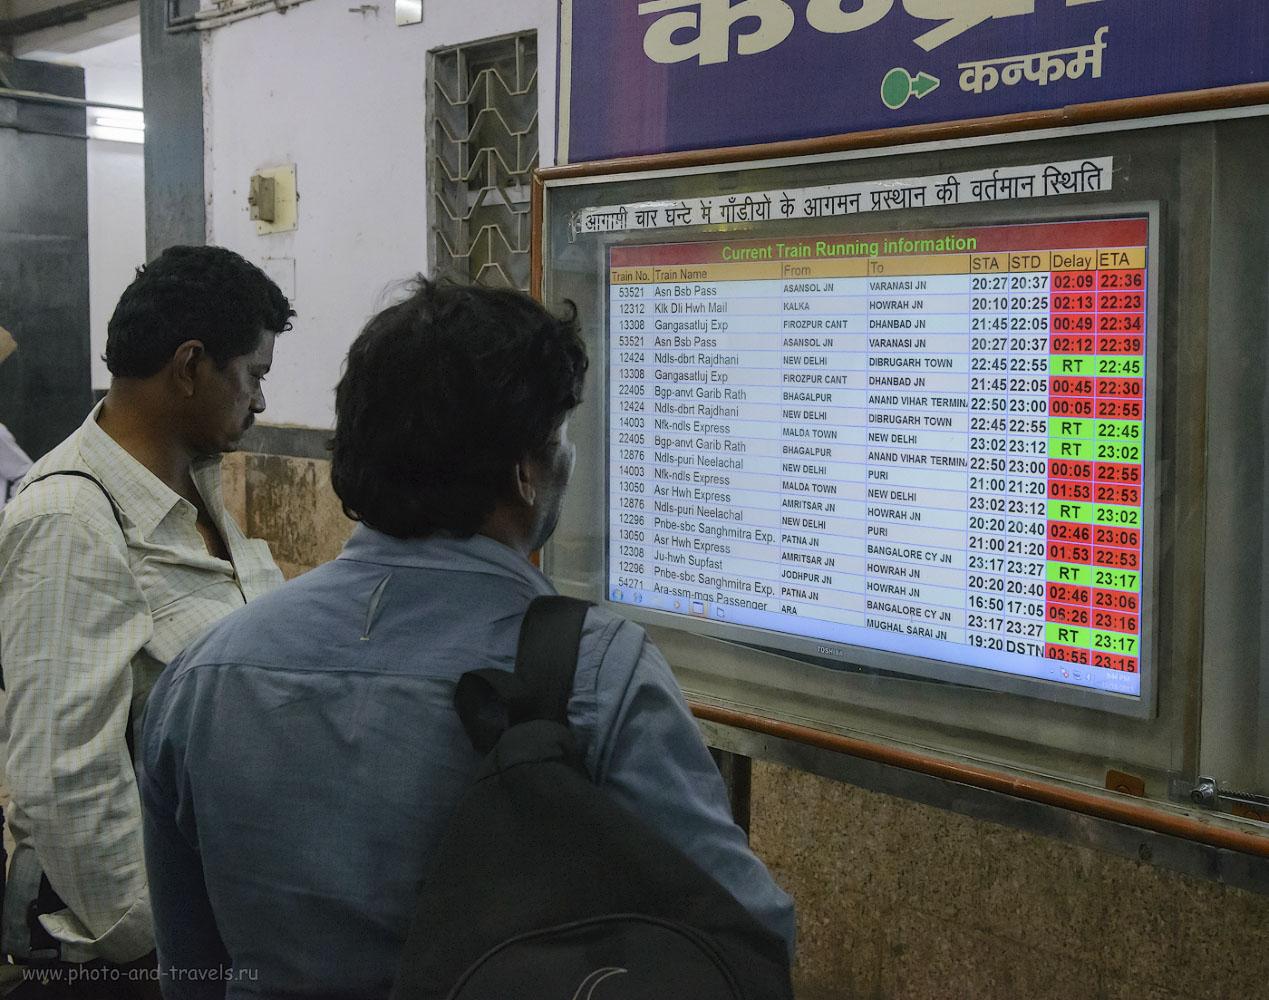 Фотография 13. Видим, что поезда задерживаются на 2-6.5 часов. Хорошо, что не было билетов на поезд из Варанаси в Дарджилинг, когда я бронировал: тот поезд задержался на 11 часов. Рекомендации туристам, собравшимся в поездку в Индию.